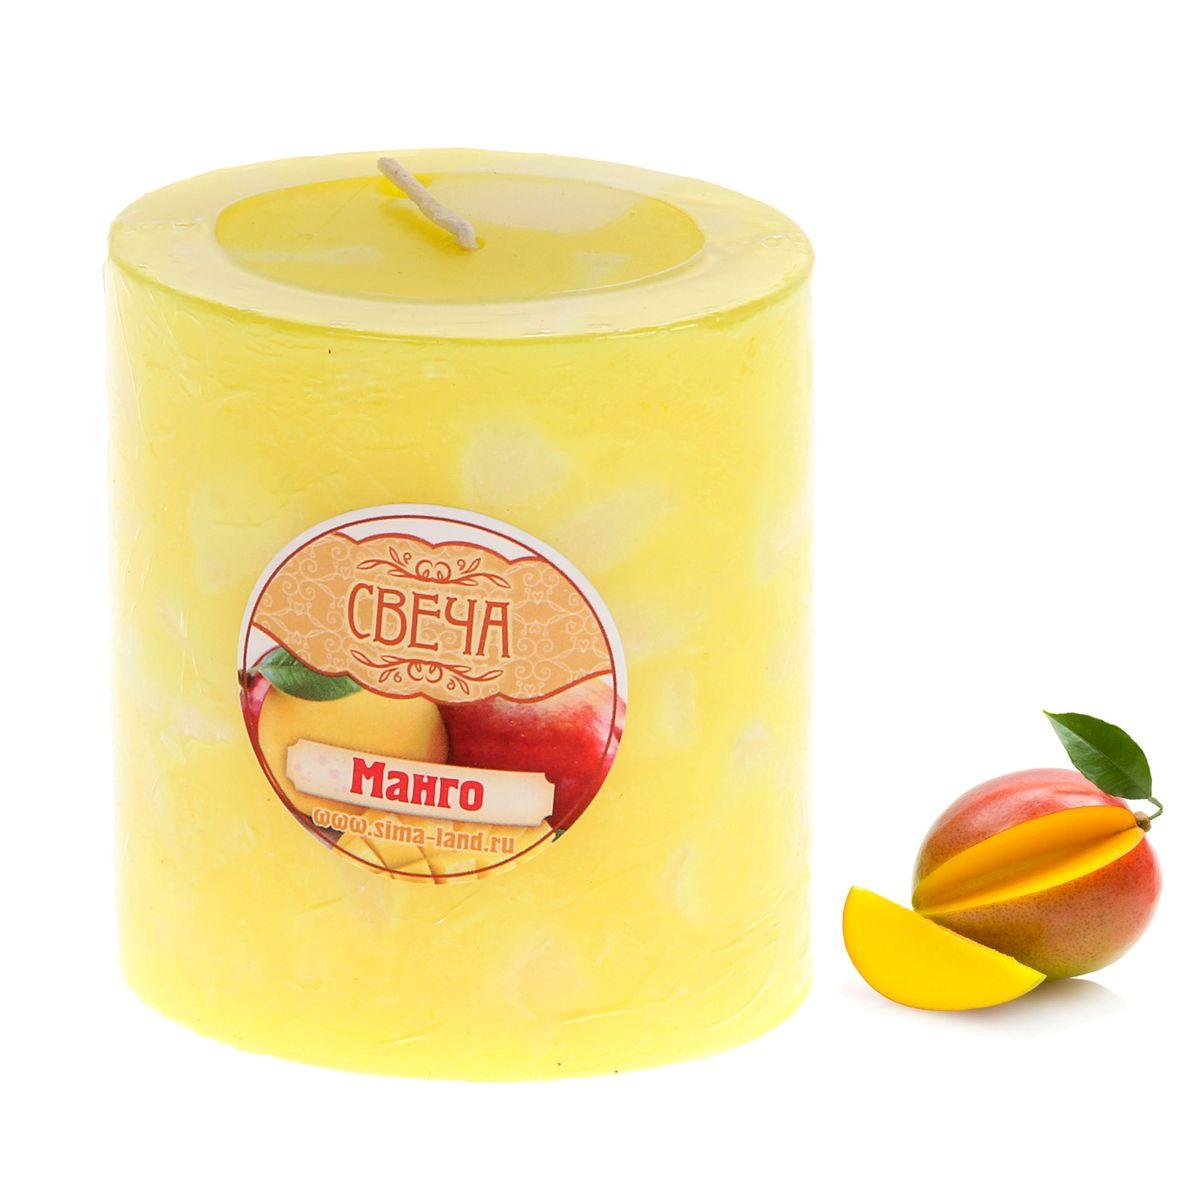 Свеча ароматизированная Sima-land Слияние, с ароматом манго, цвет: желтый, белый, высота 7 см849515Ароматизированная свеча Sima-land Слияние изготовлена из воска. Изделие отличается оригинальным дизайном и приятным ароматом манго. Свеча Sima-land Слияние - это прекрасный выбор для тех, кто хочет сделать запоминающийся презент родным и близким. Она поможет создать атмосферу праздника. Такой подарок запомнится надолго.